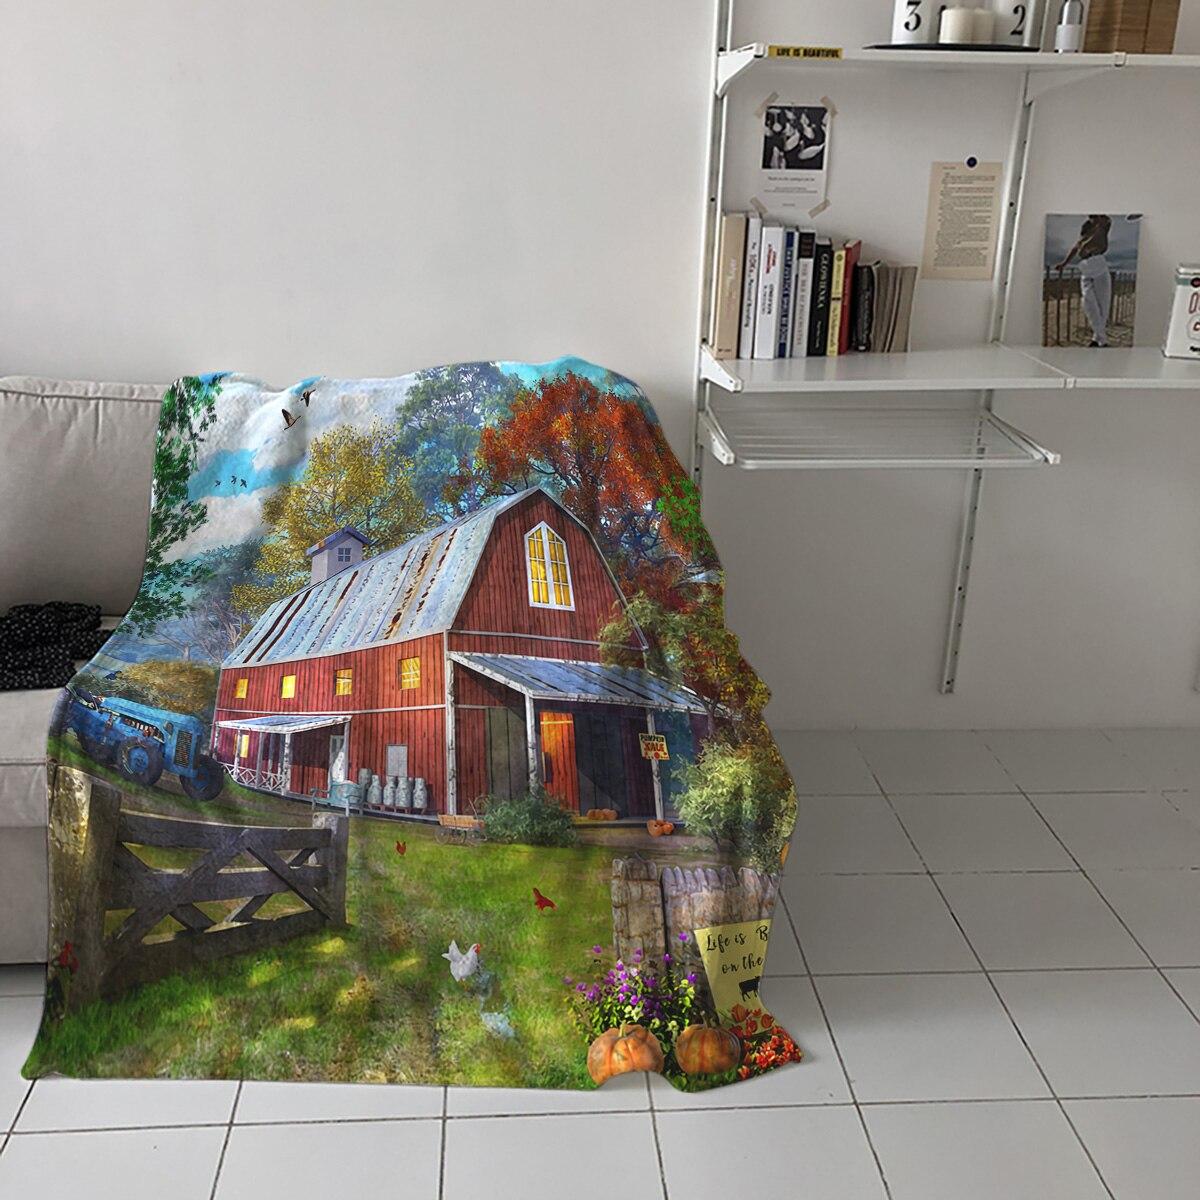 المنزل لينة البطانيات مزرعة الحظيرة وودز الدجاج الكبار الأطفال غرفة نوم أريكة تتحول لسرير رمي البطانيات مكتب دافئ تكييف الهواء لحاف